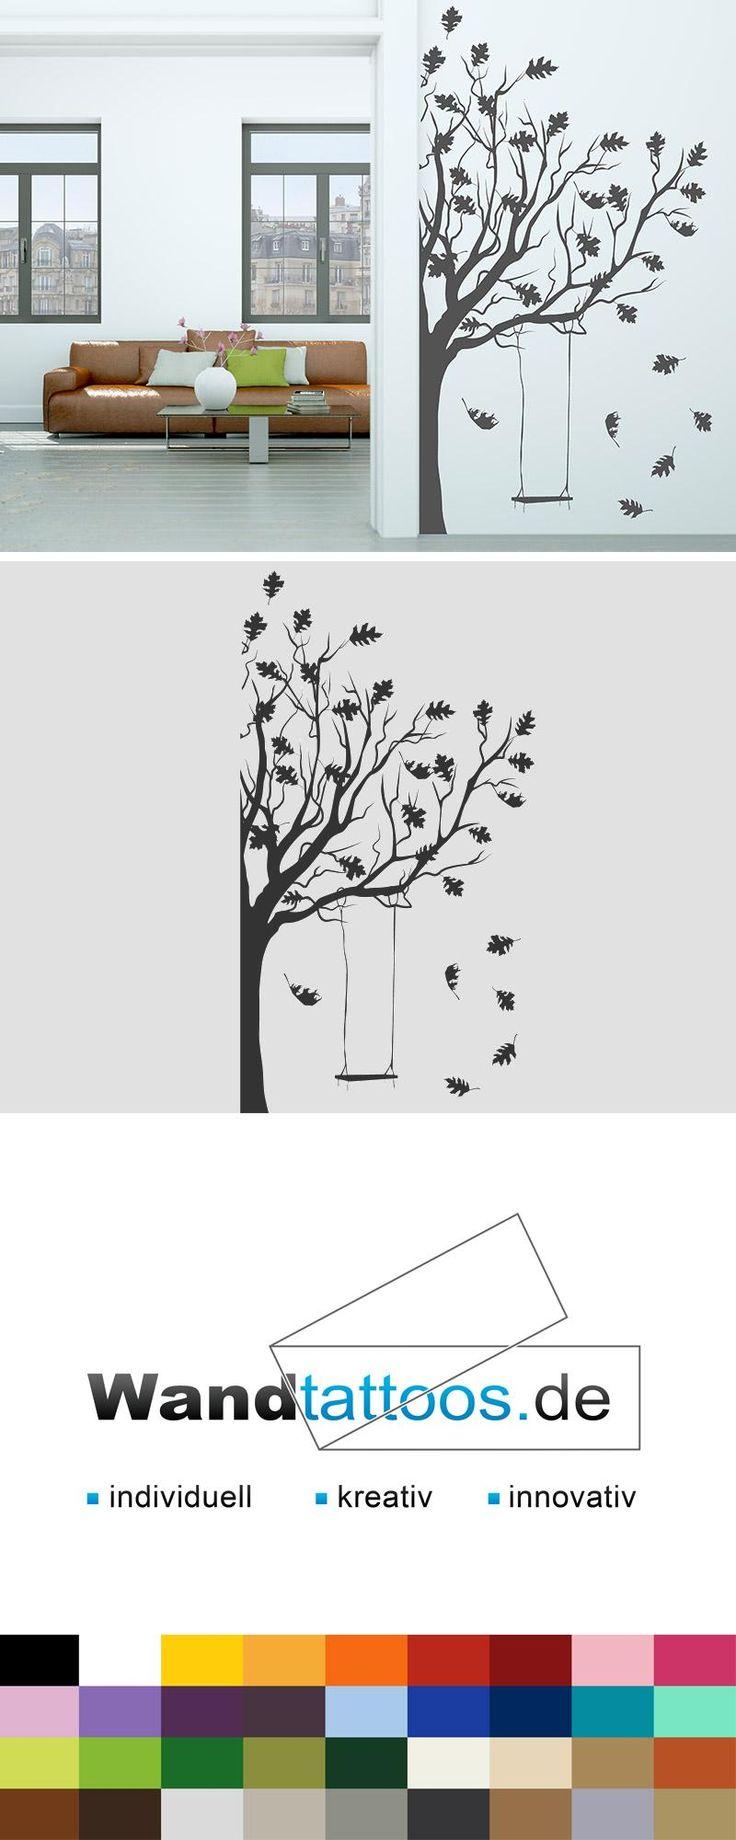 Wandtattoo Baum mit Schaukel als Idee zur individuellen Wandgestaltung. Einfach Lieblingsfarbe und Größe auswählen. Weitere kreative Anregungen von Wandtattoos.de hier entdecken!